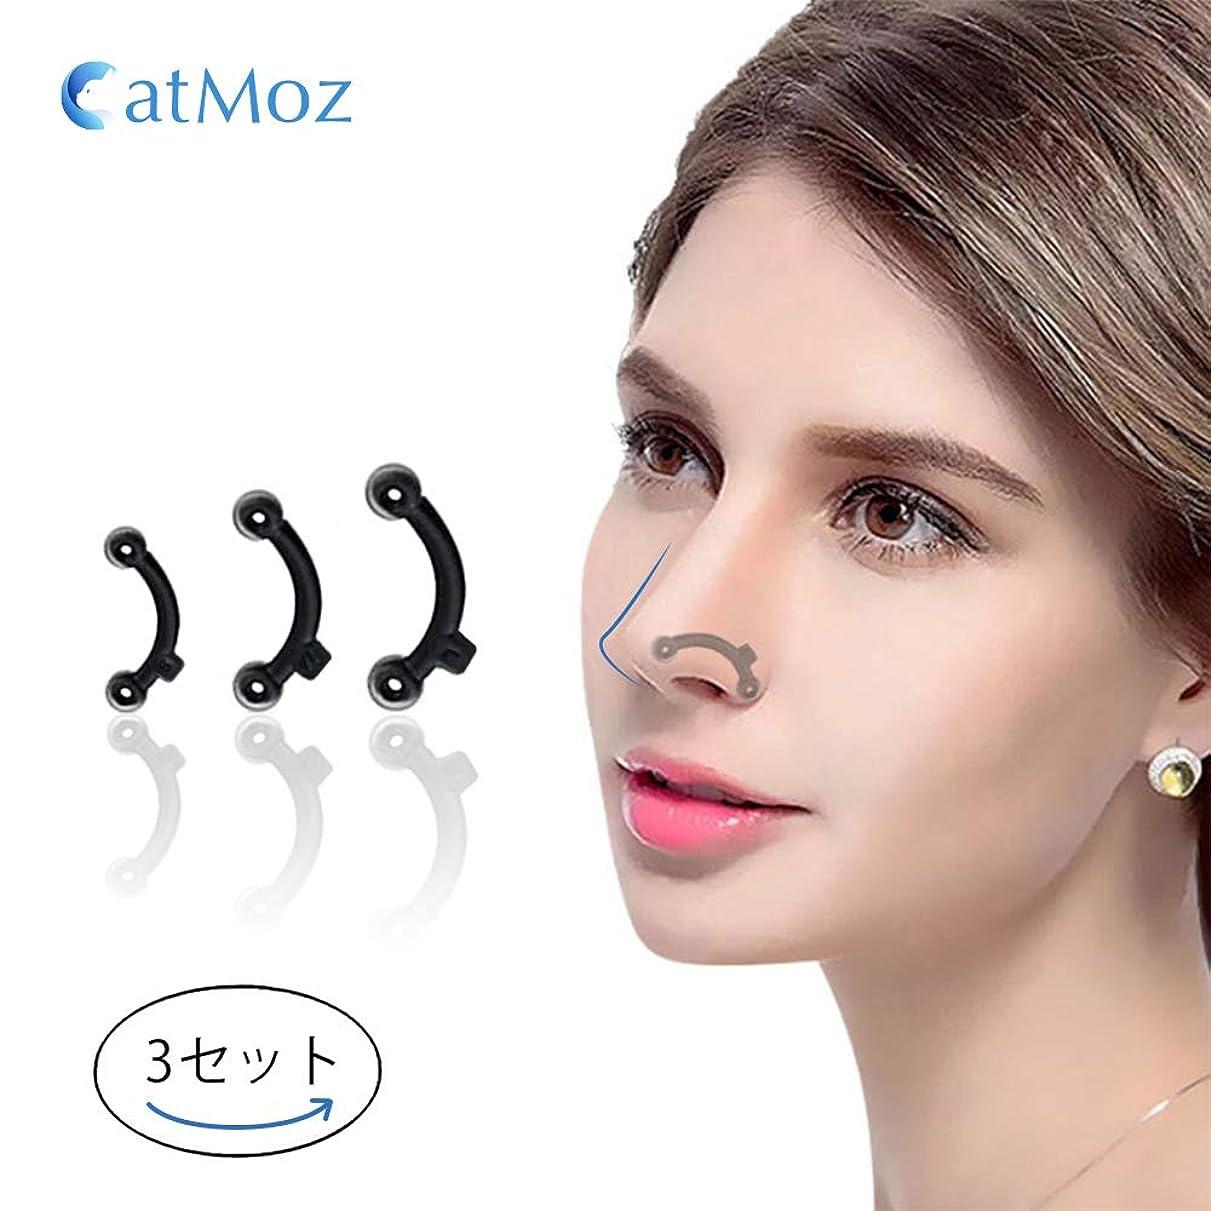 財産もつれ軸鼻プチ 柔軟性高く ハナのアイプチ CatMoz ビューティー正規品 矯正プチ 整形せず 23mm/24.5mm/26mm全3サイズセット